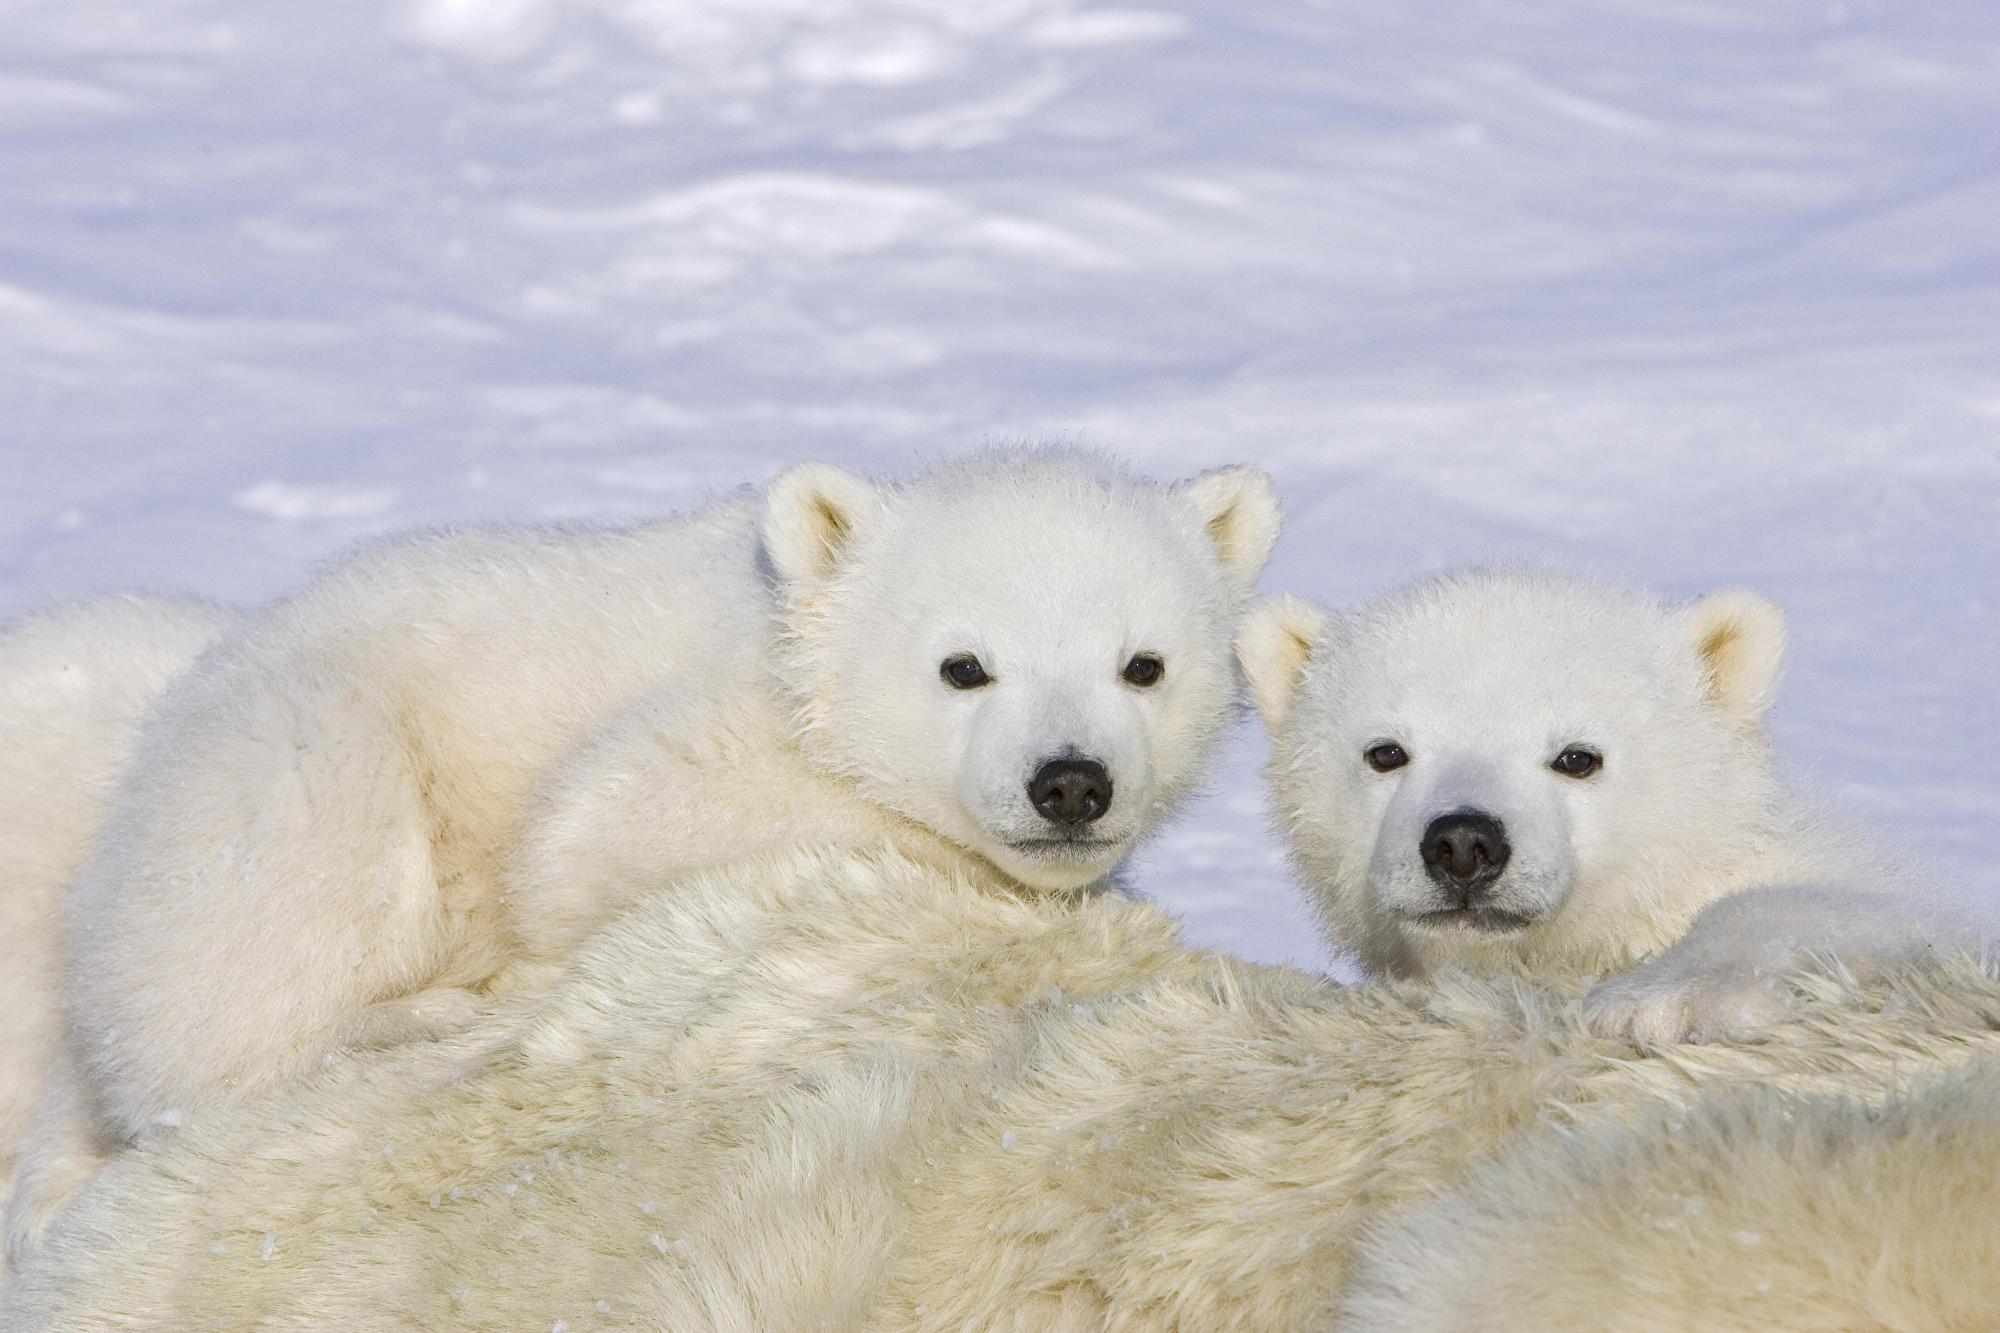 Polar Bear HD Wallpapers For Iphone 5 IOS 7 Bears Polar Bears Hd 2000x1333